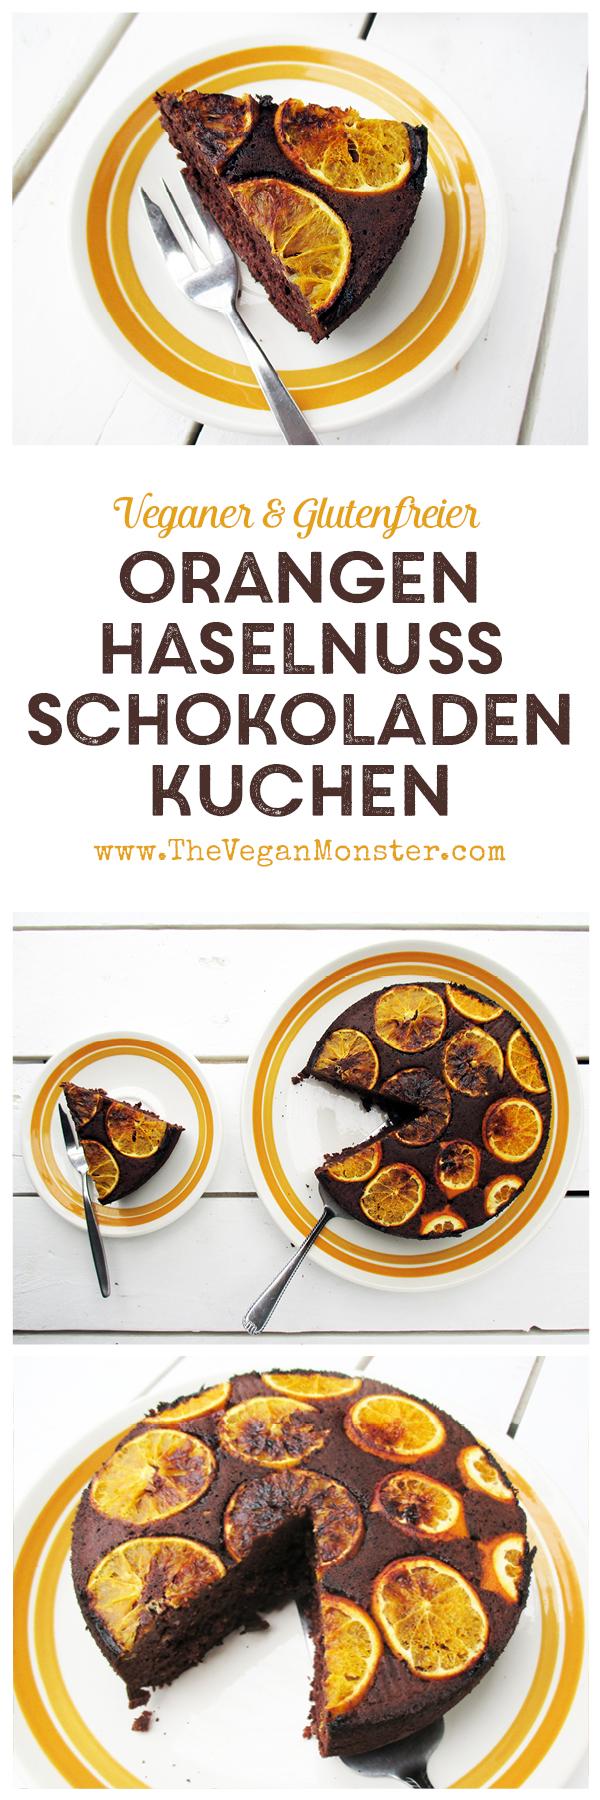 Veganer Glutenfreier Orangen Haselnuss Schokoladen Kuchen Rezept ohne Kristallzucker Ohne Milch Ohne Ei